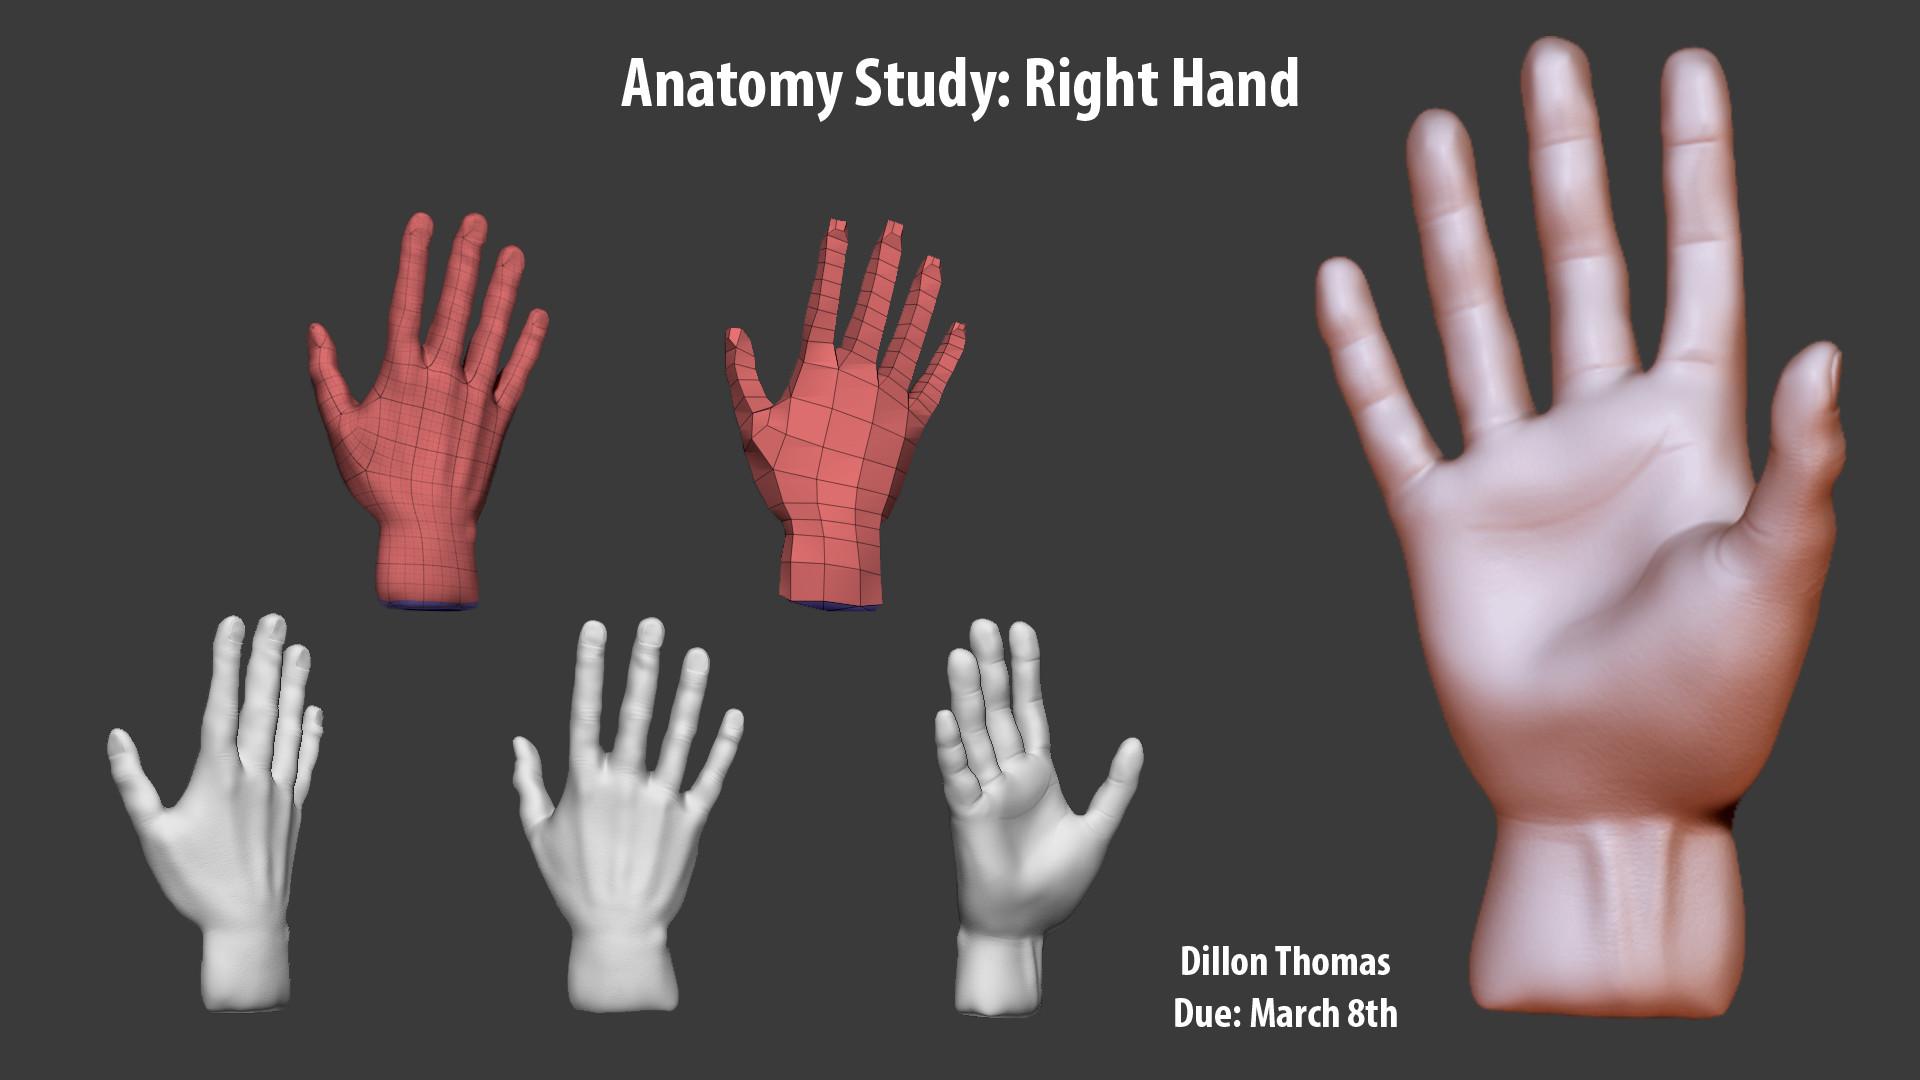 Dillon Thomas - Anatomy Study: Right Hand